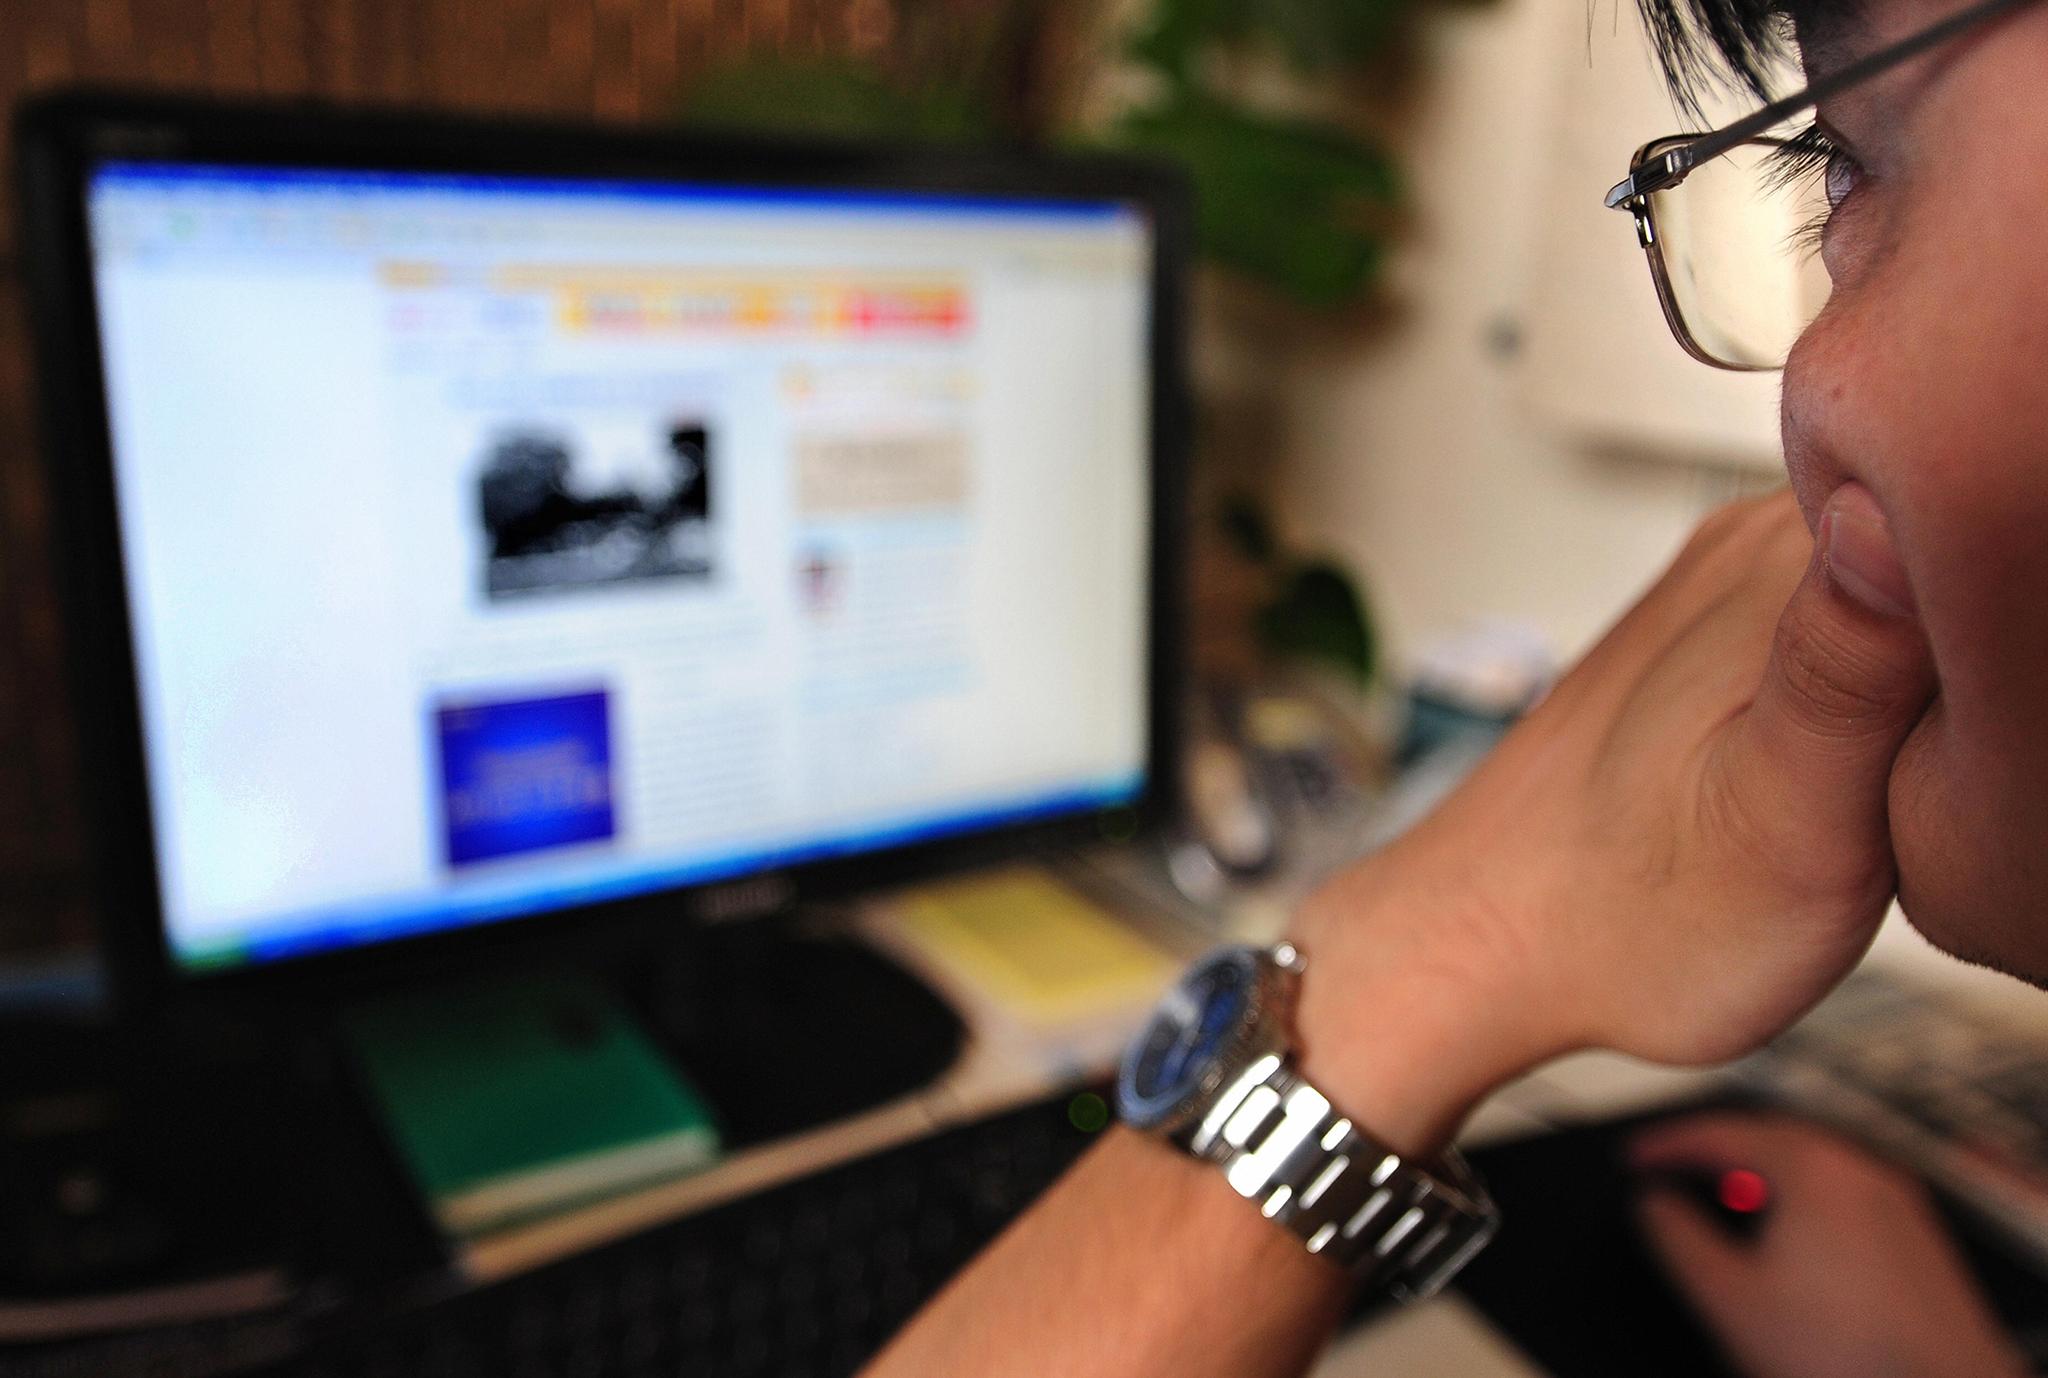 Telecomunicações | Relatório sobre ataque cibernético em análise